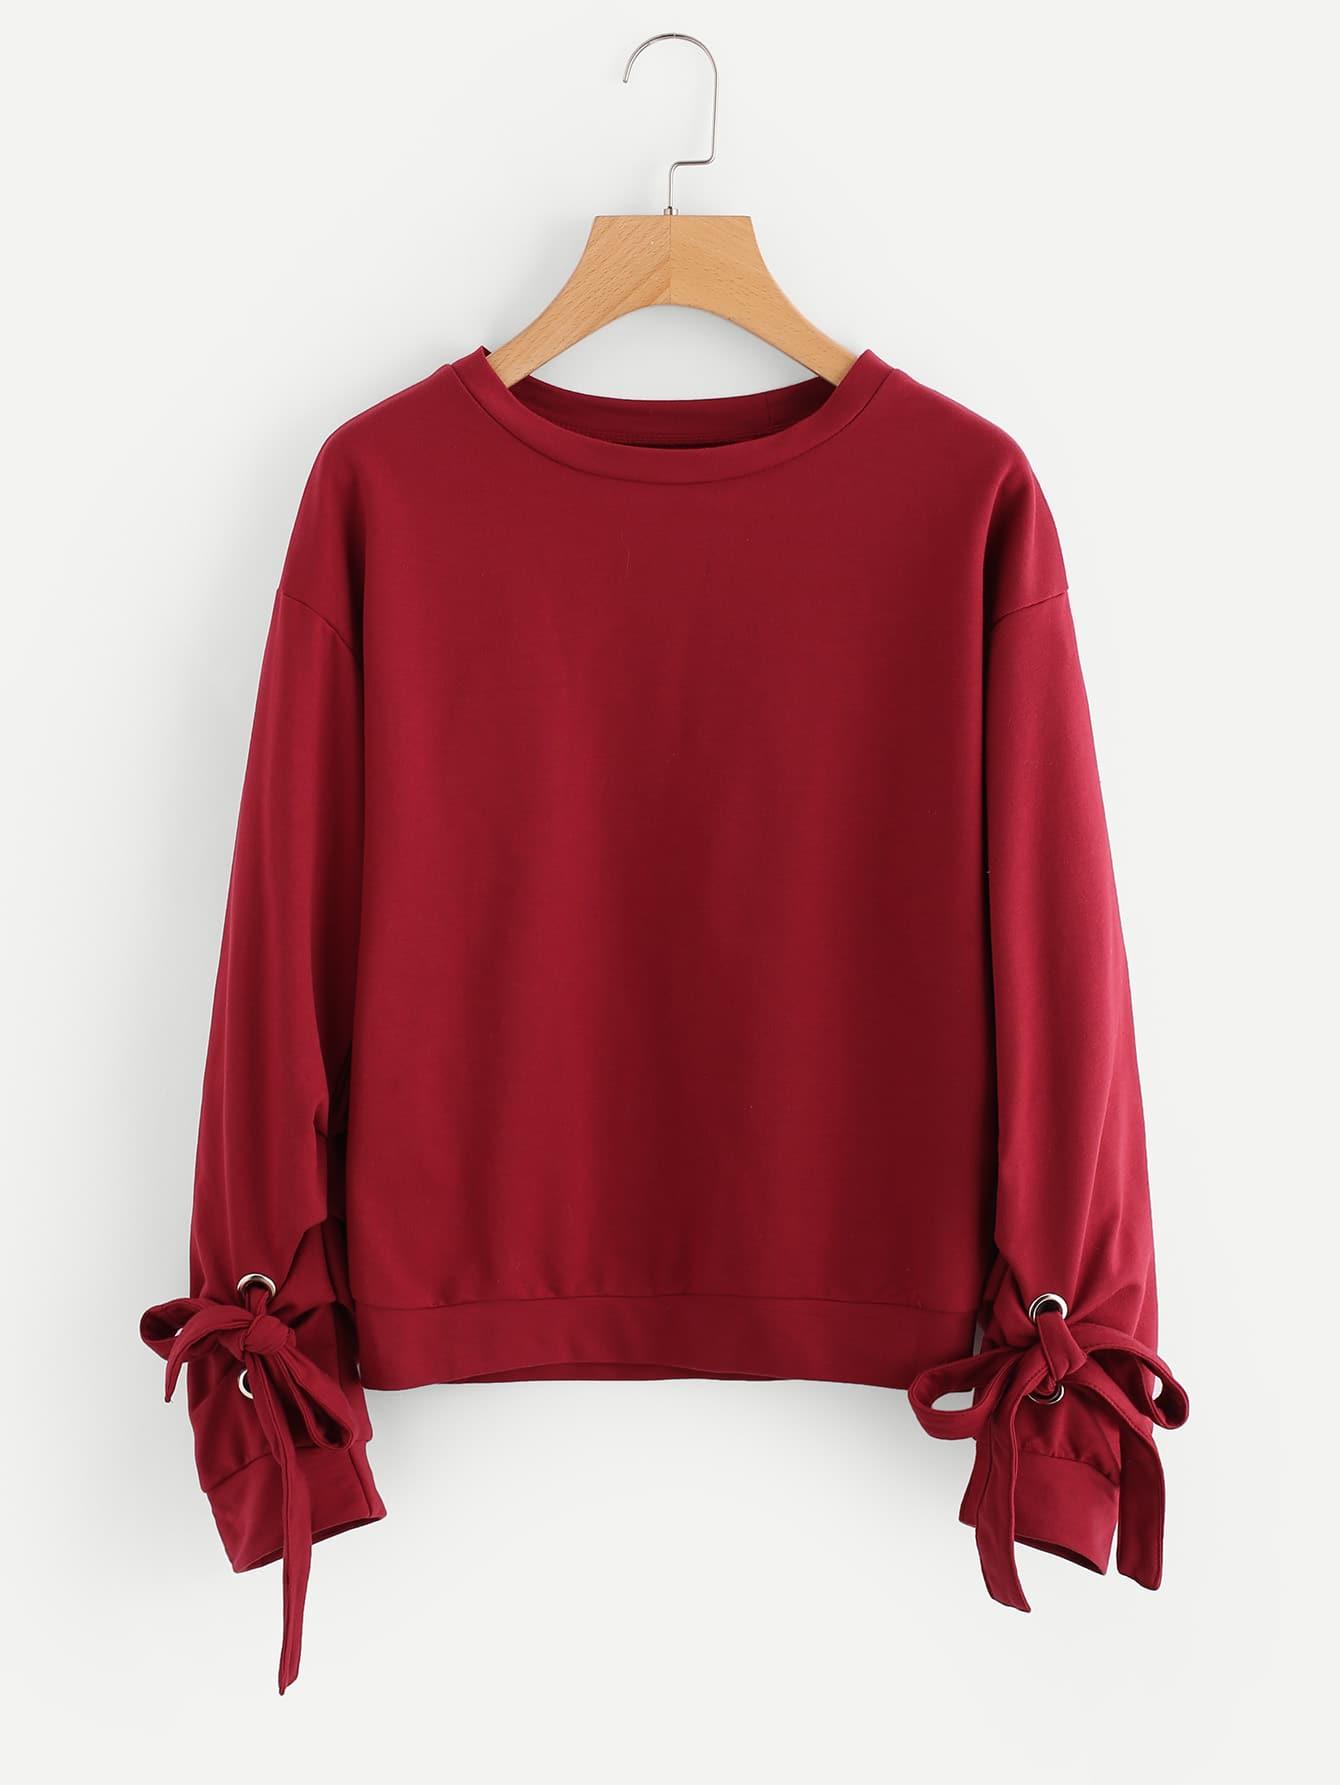 Grommet Tie Detail Drop Shoulder Sweatshirt drop shoulder crop sweatshirt